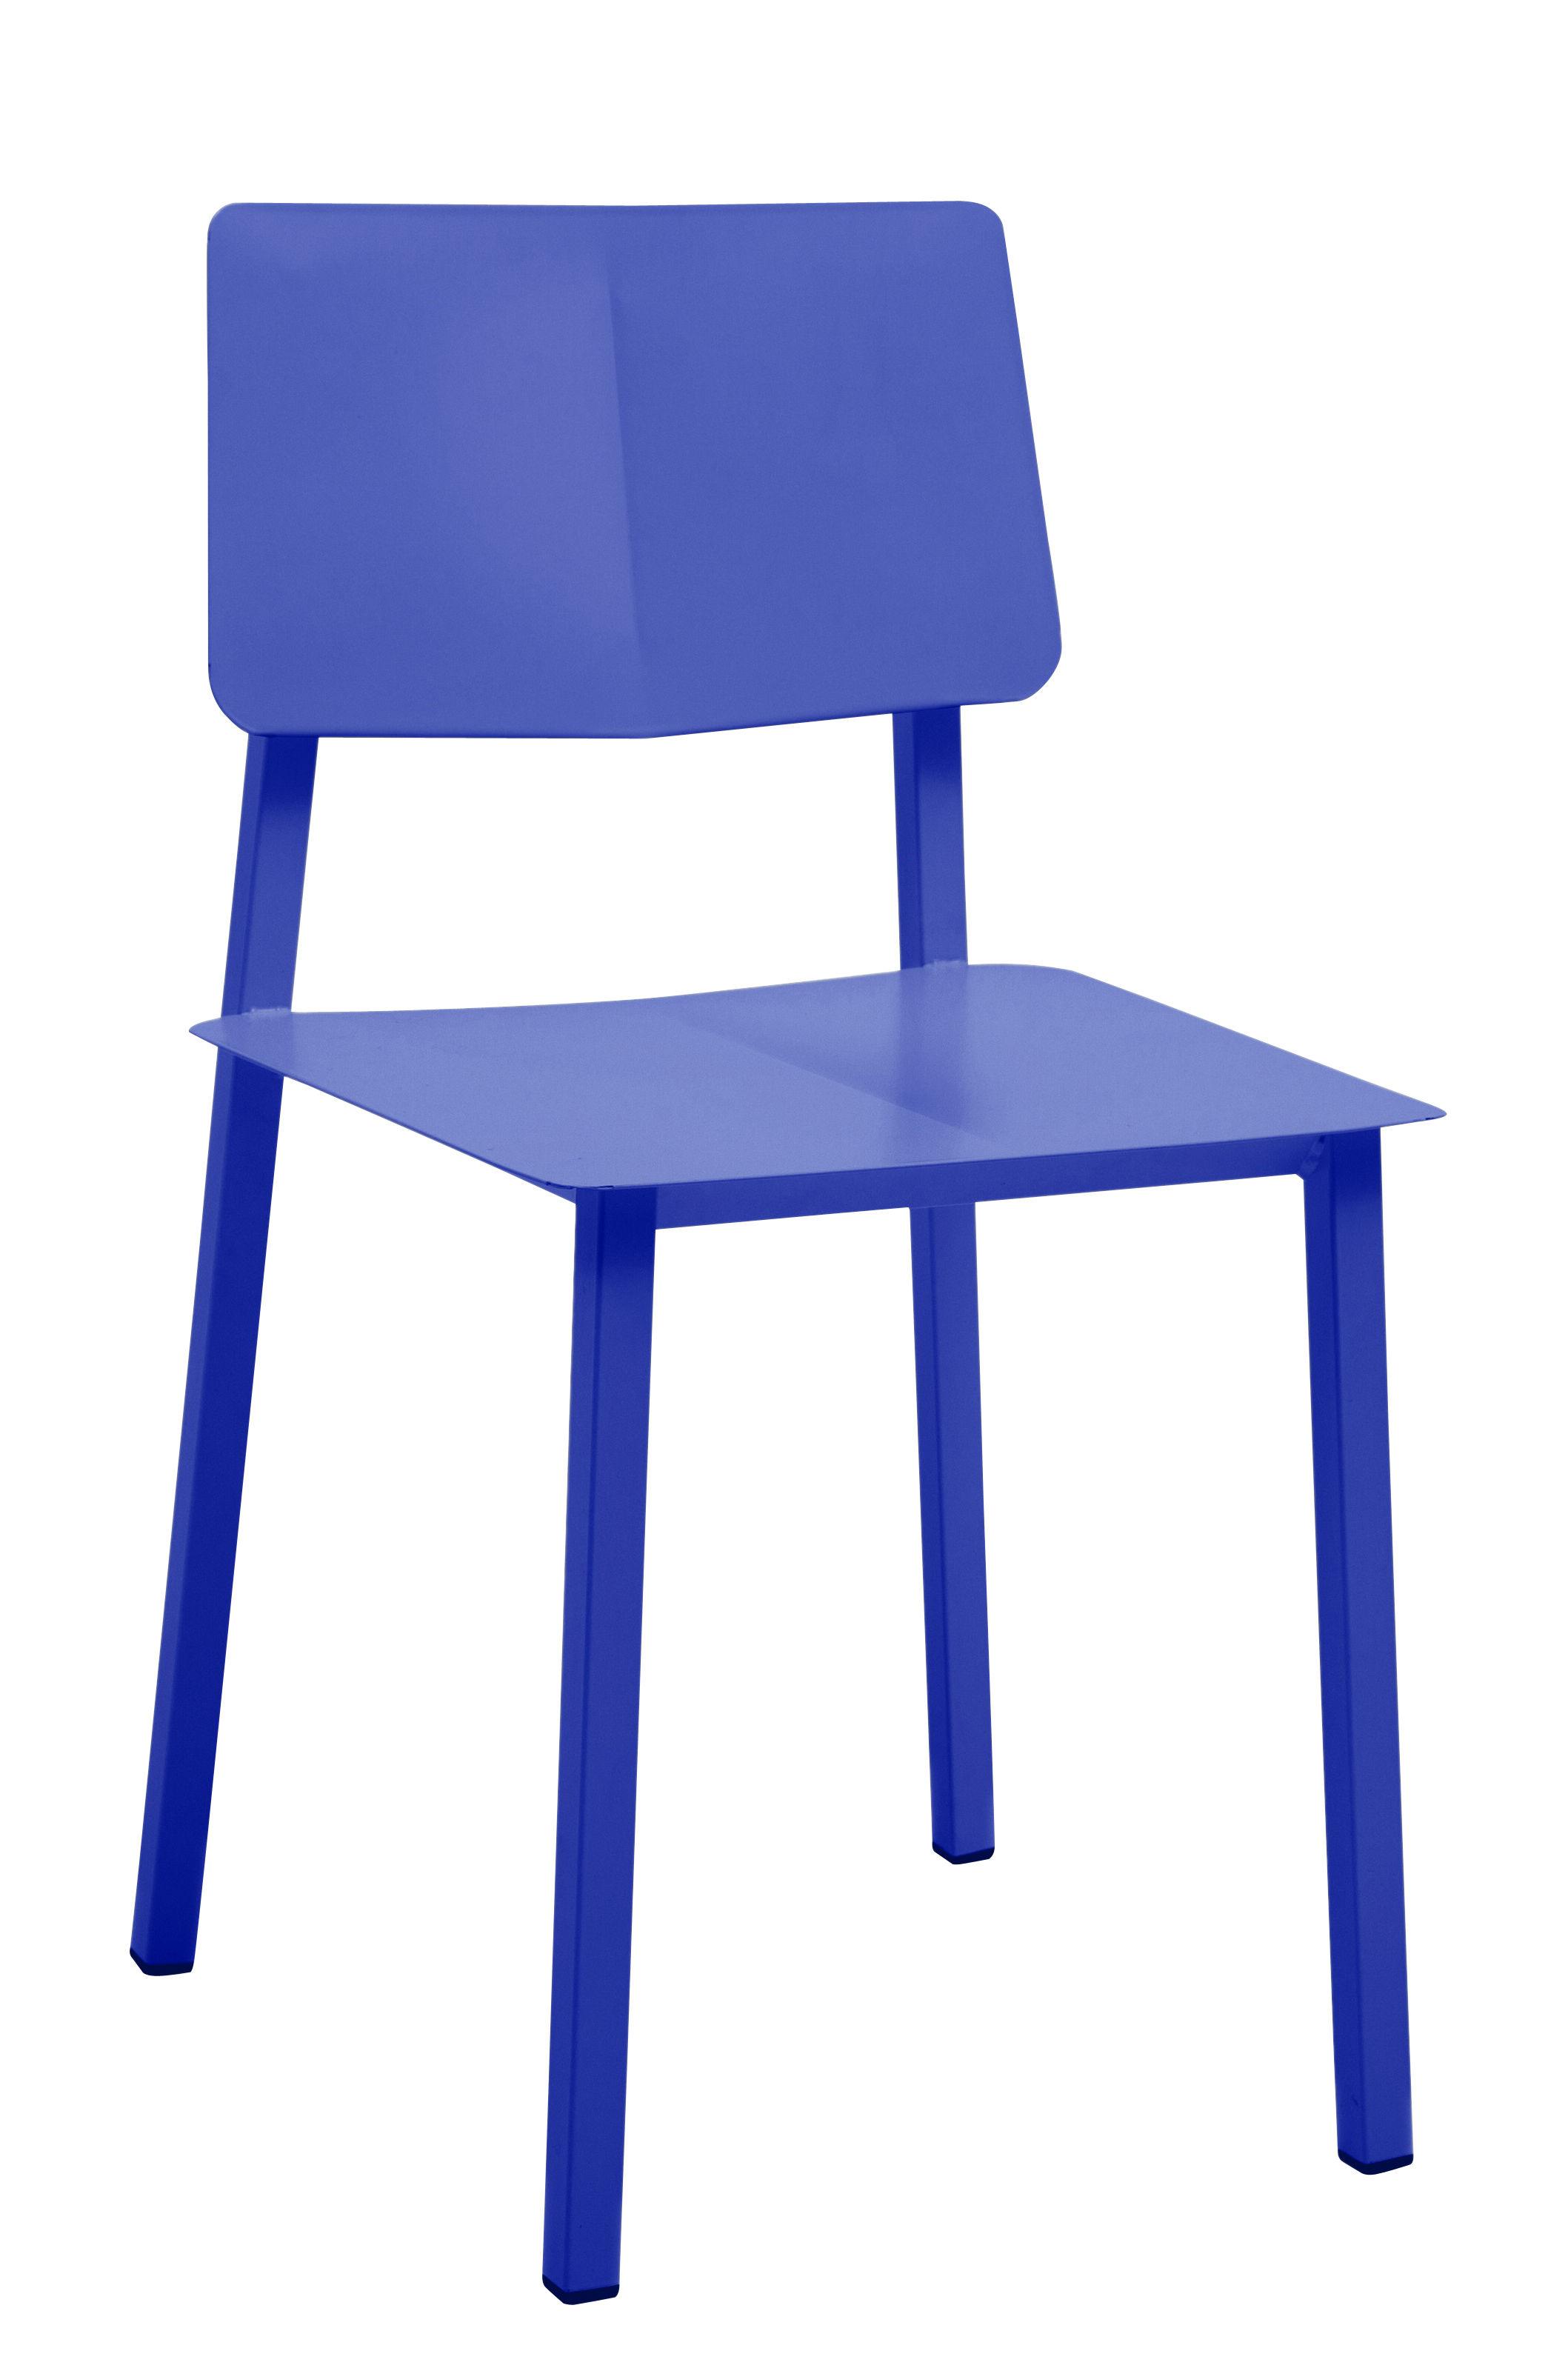 Mobilier - Chaises, fauteuils de salle à manger - Chaise Rosalie - Hartô - Bleu réaliste - Acier